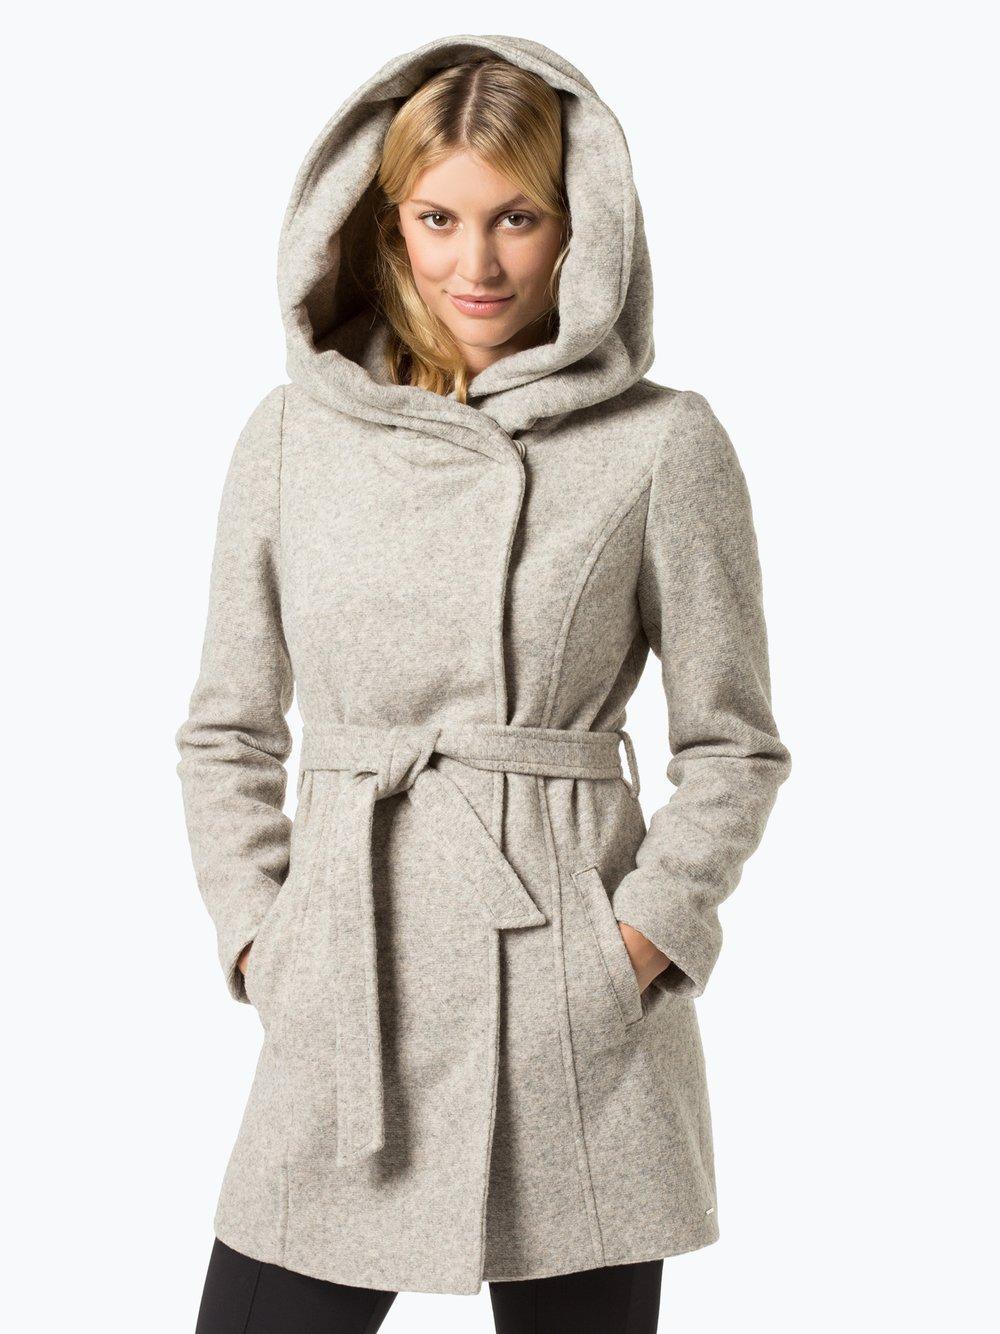 süß billig super günstig im vergleich zu autorisierte Website s.Oliver Casual Damen Jacke online kaufen | VANGRAAF.COM